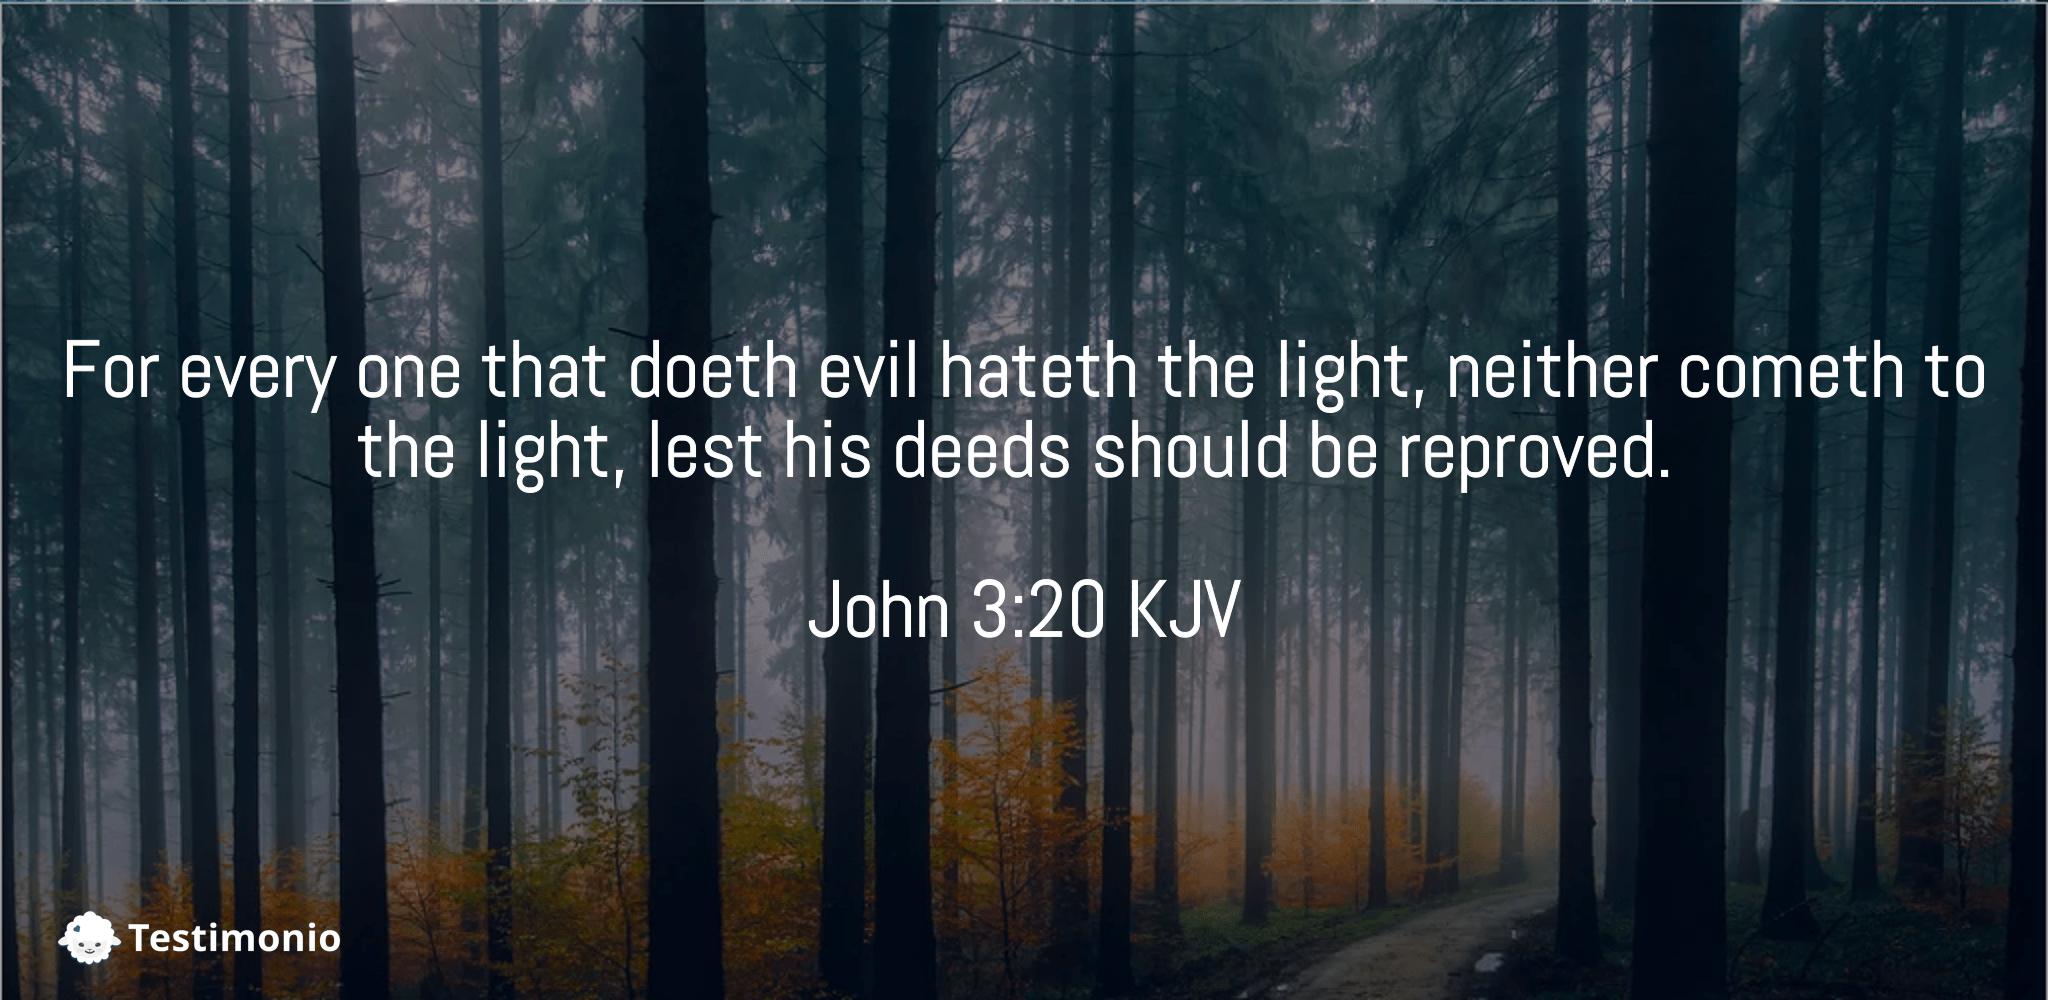 John 3:20